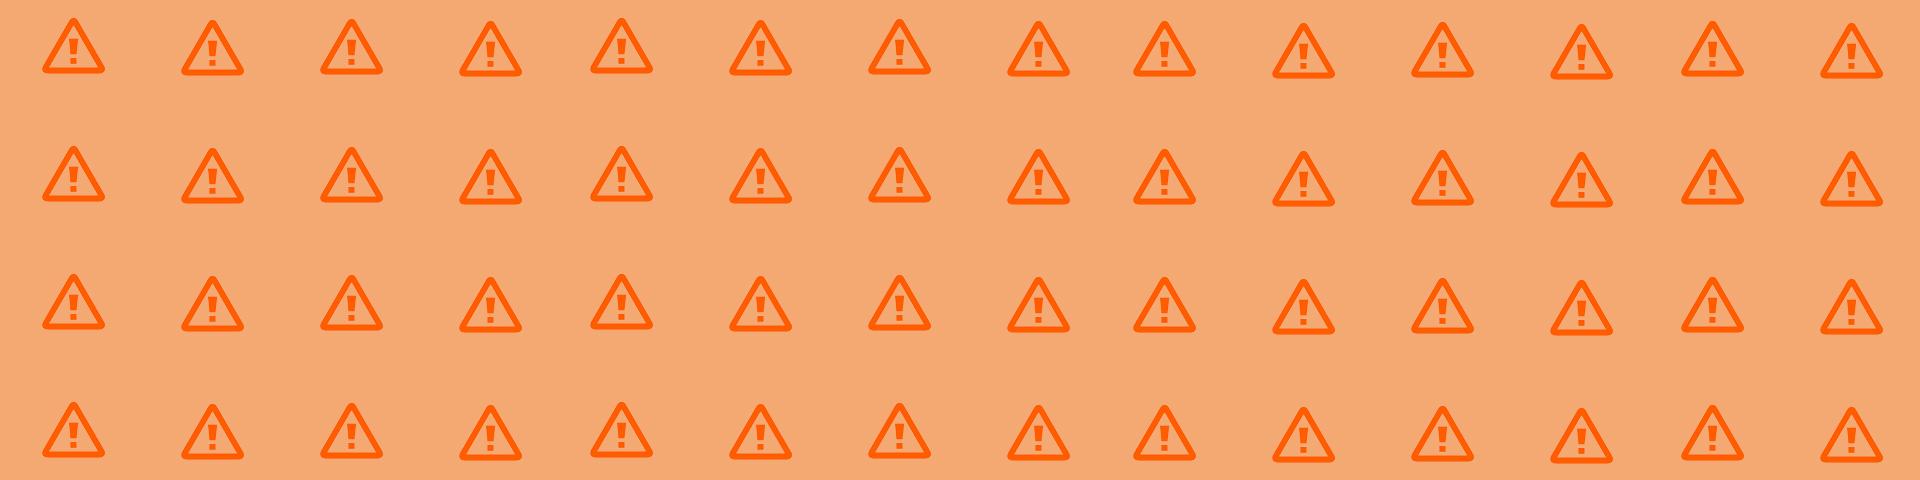 banner-image-alert